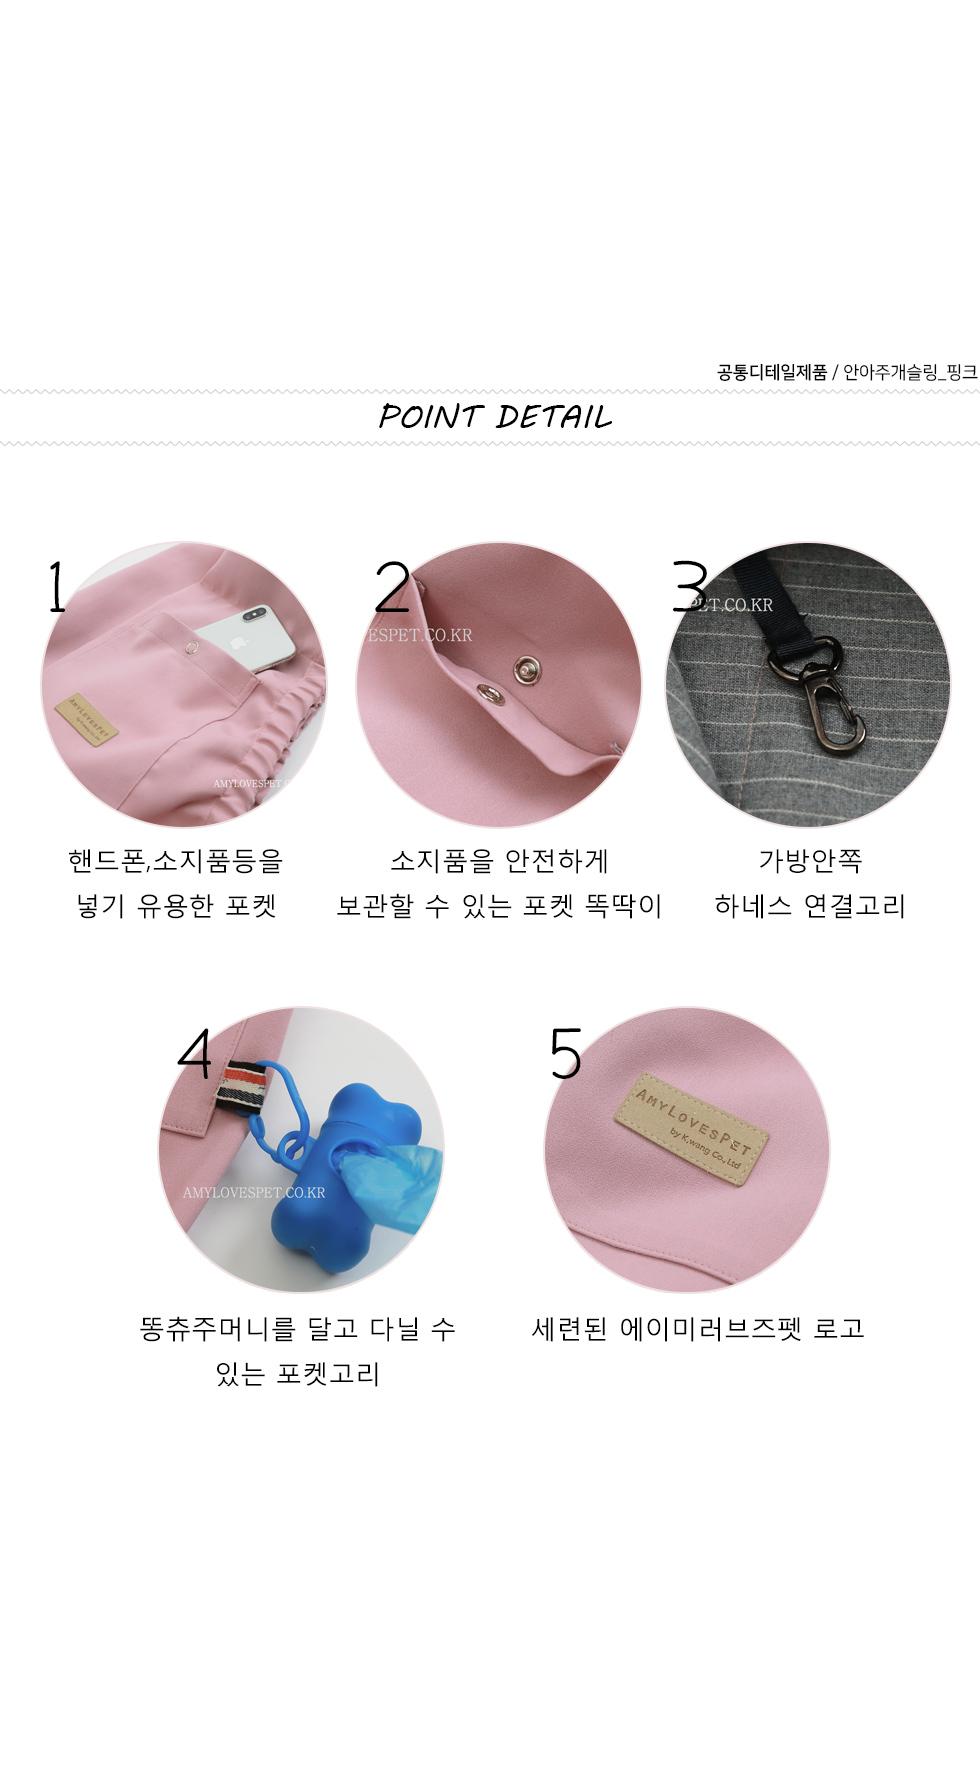 초경량 안아주개슬링 애쉬그레이 - 에이미러브즈펫, 43,000원, 이동장/리드줄/야외용품, 이동가방